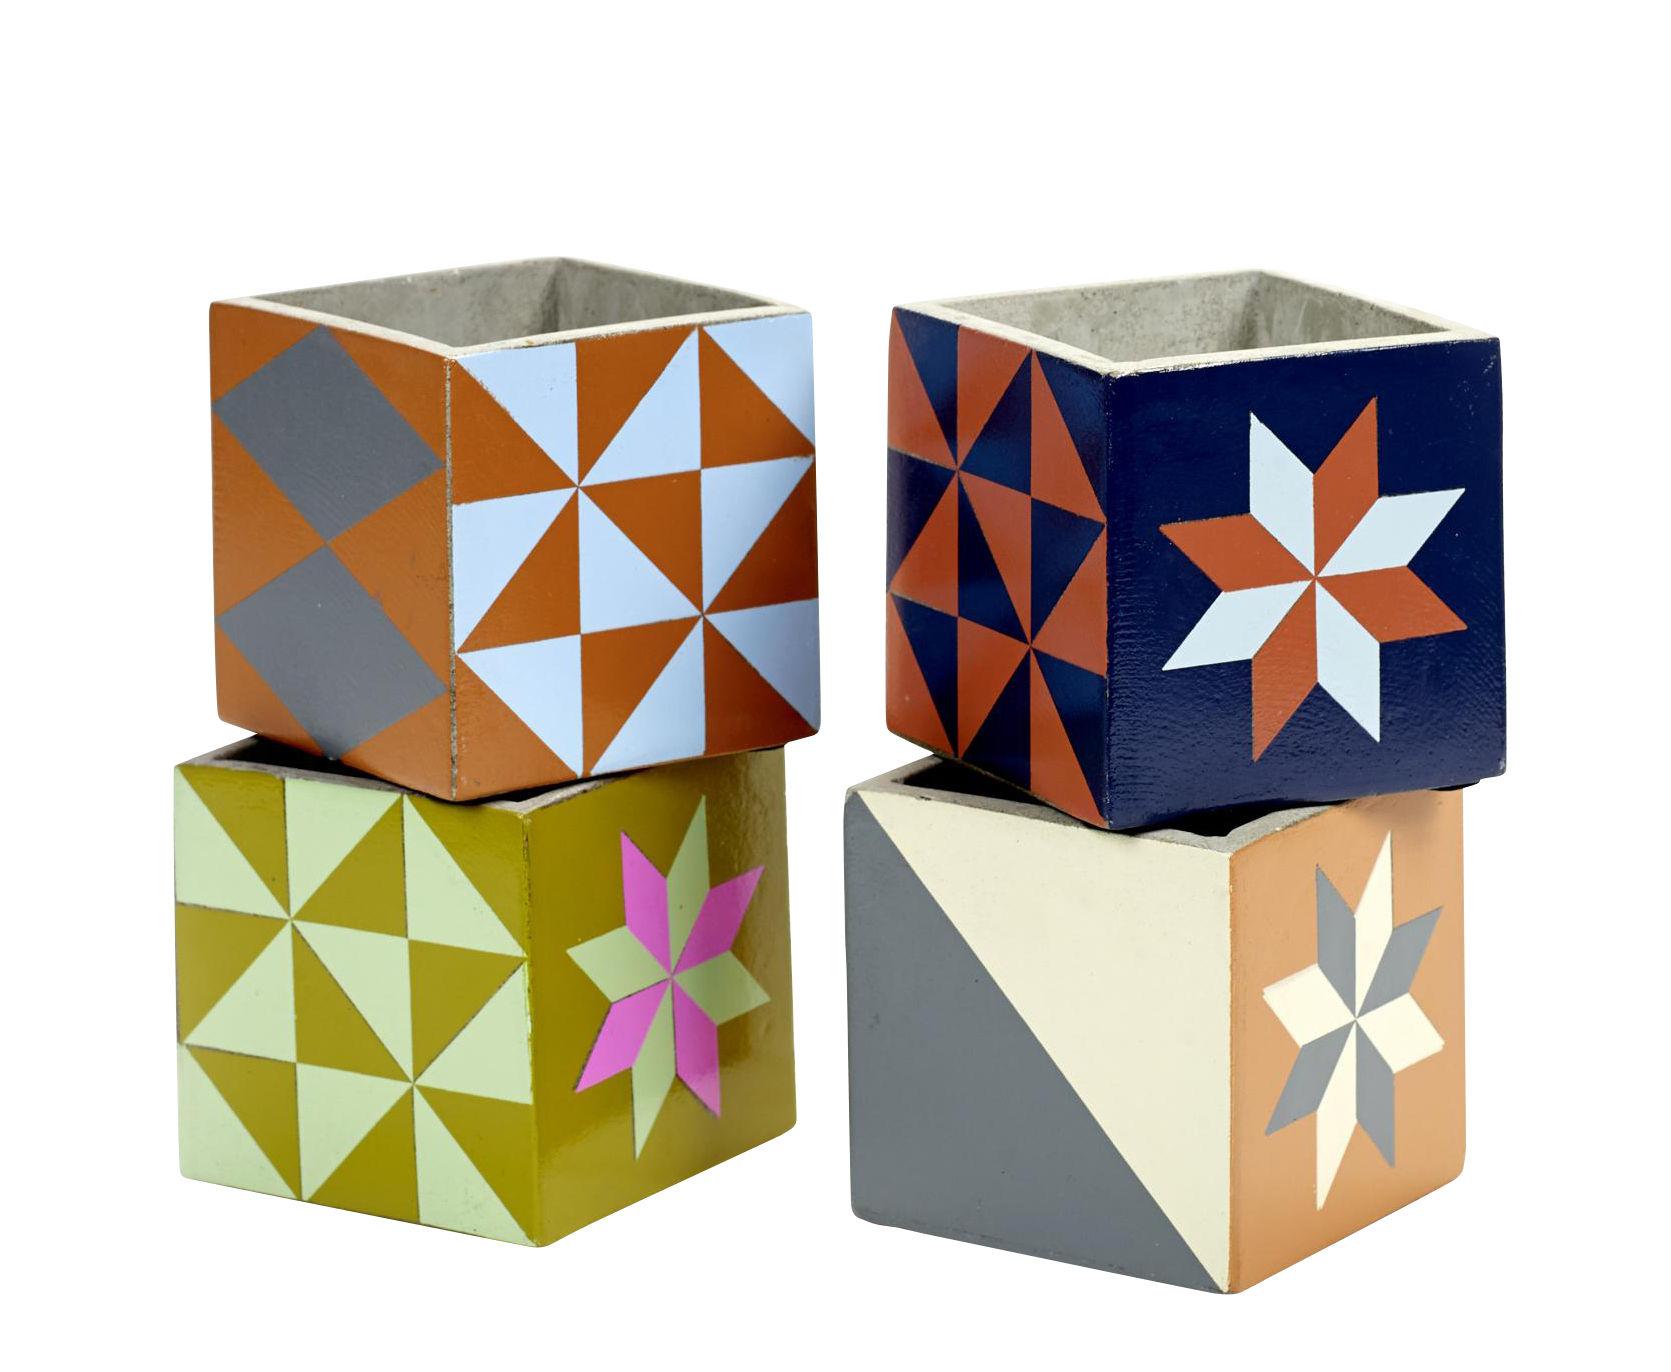 Dekoration - Töpfe und Pflanzen - Marie Small Topf / 4-teiliges Set - Zementfliesen - Serax - Klein - 11 cm / mehrfarbig - Zement, emailliert